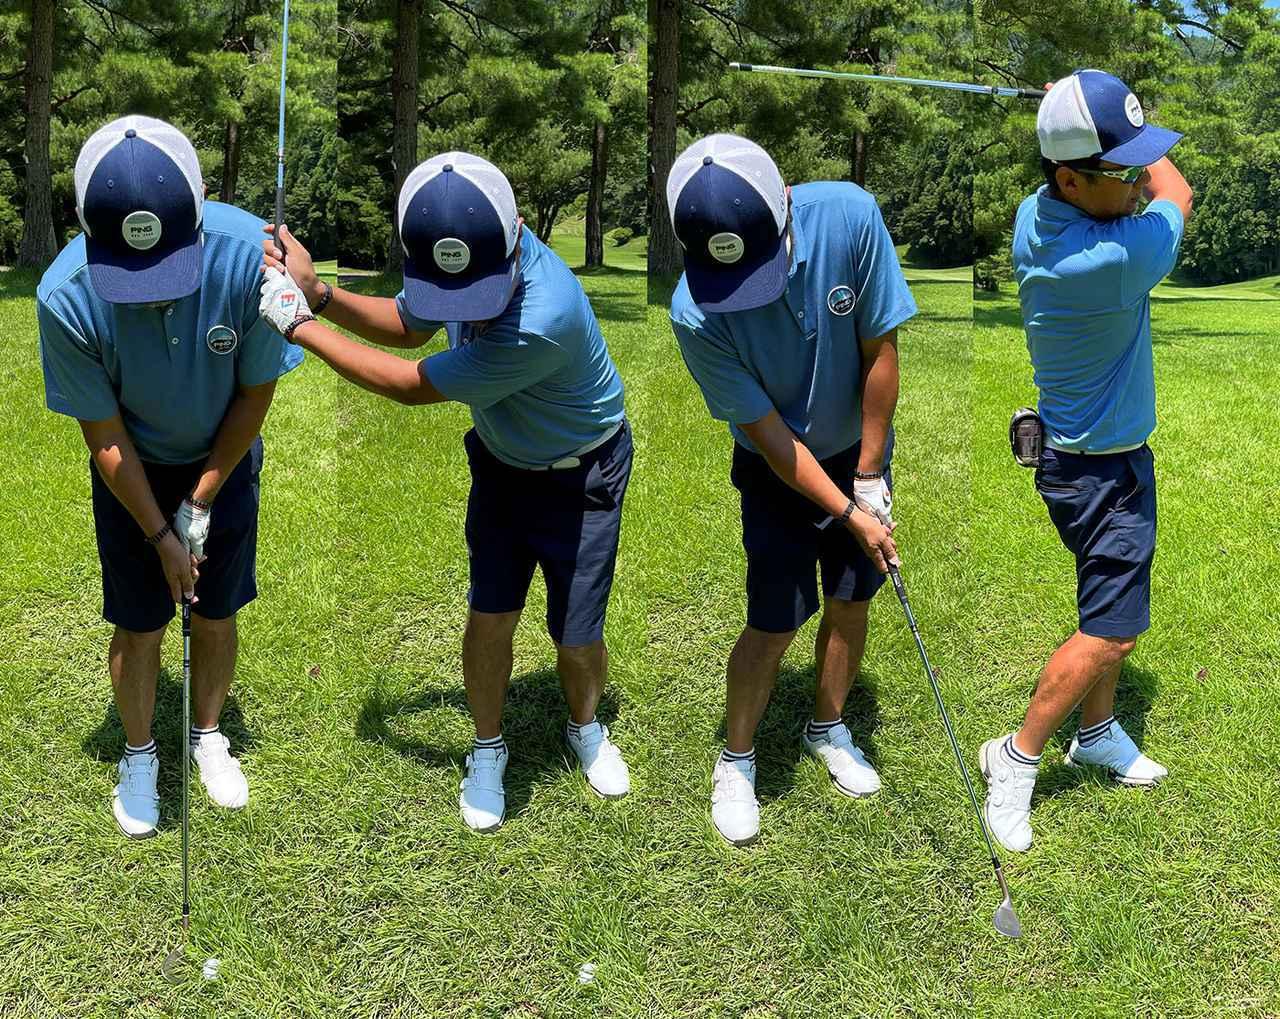 画像: テークバックも大きくとり、一定のスピードでフィニッシュまで振り抜きます。インパクトでゆるめてはダメ。フィニッシュも高く大きくとるとボールが上がってくれます